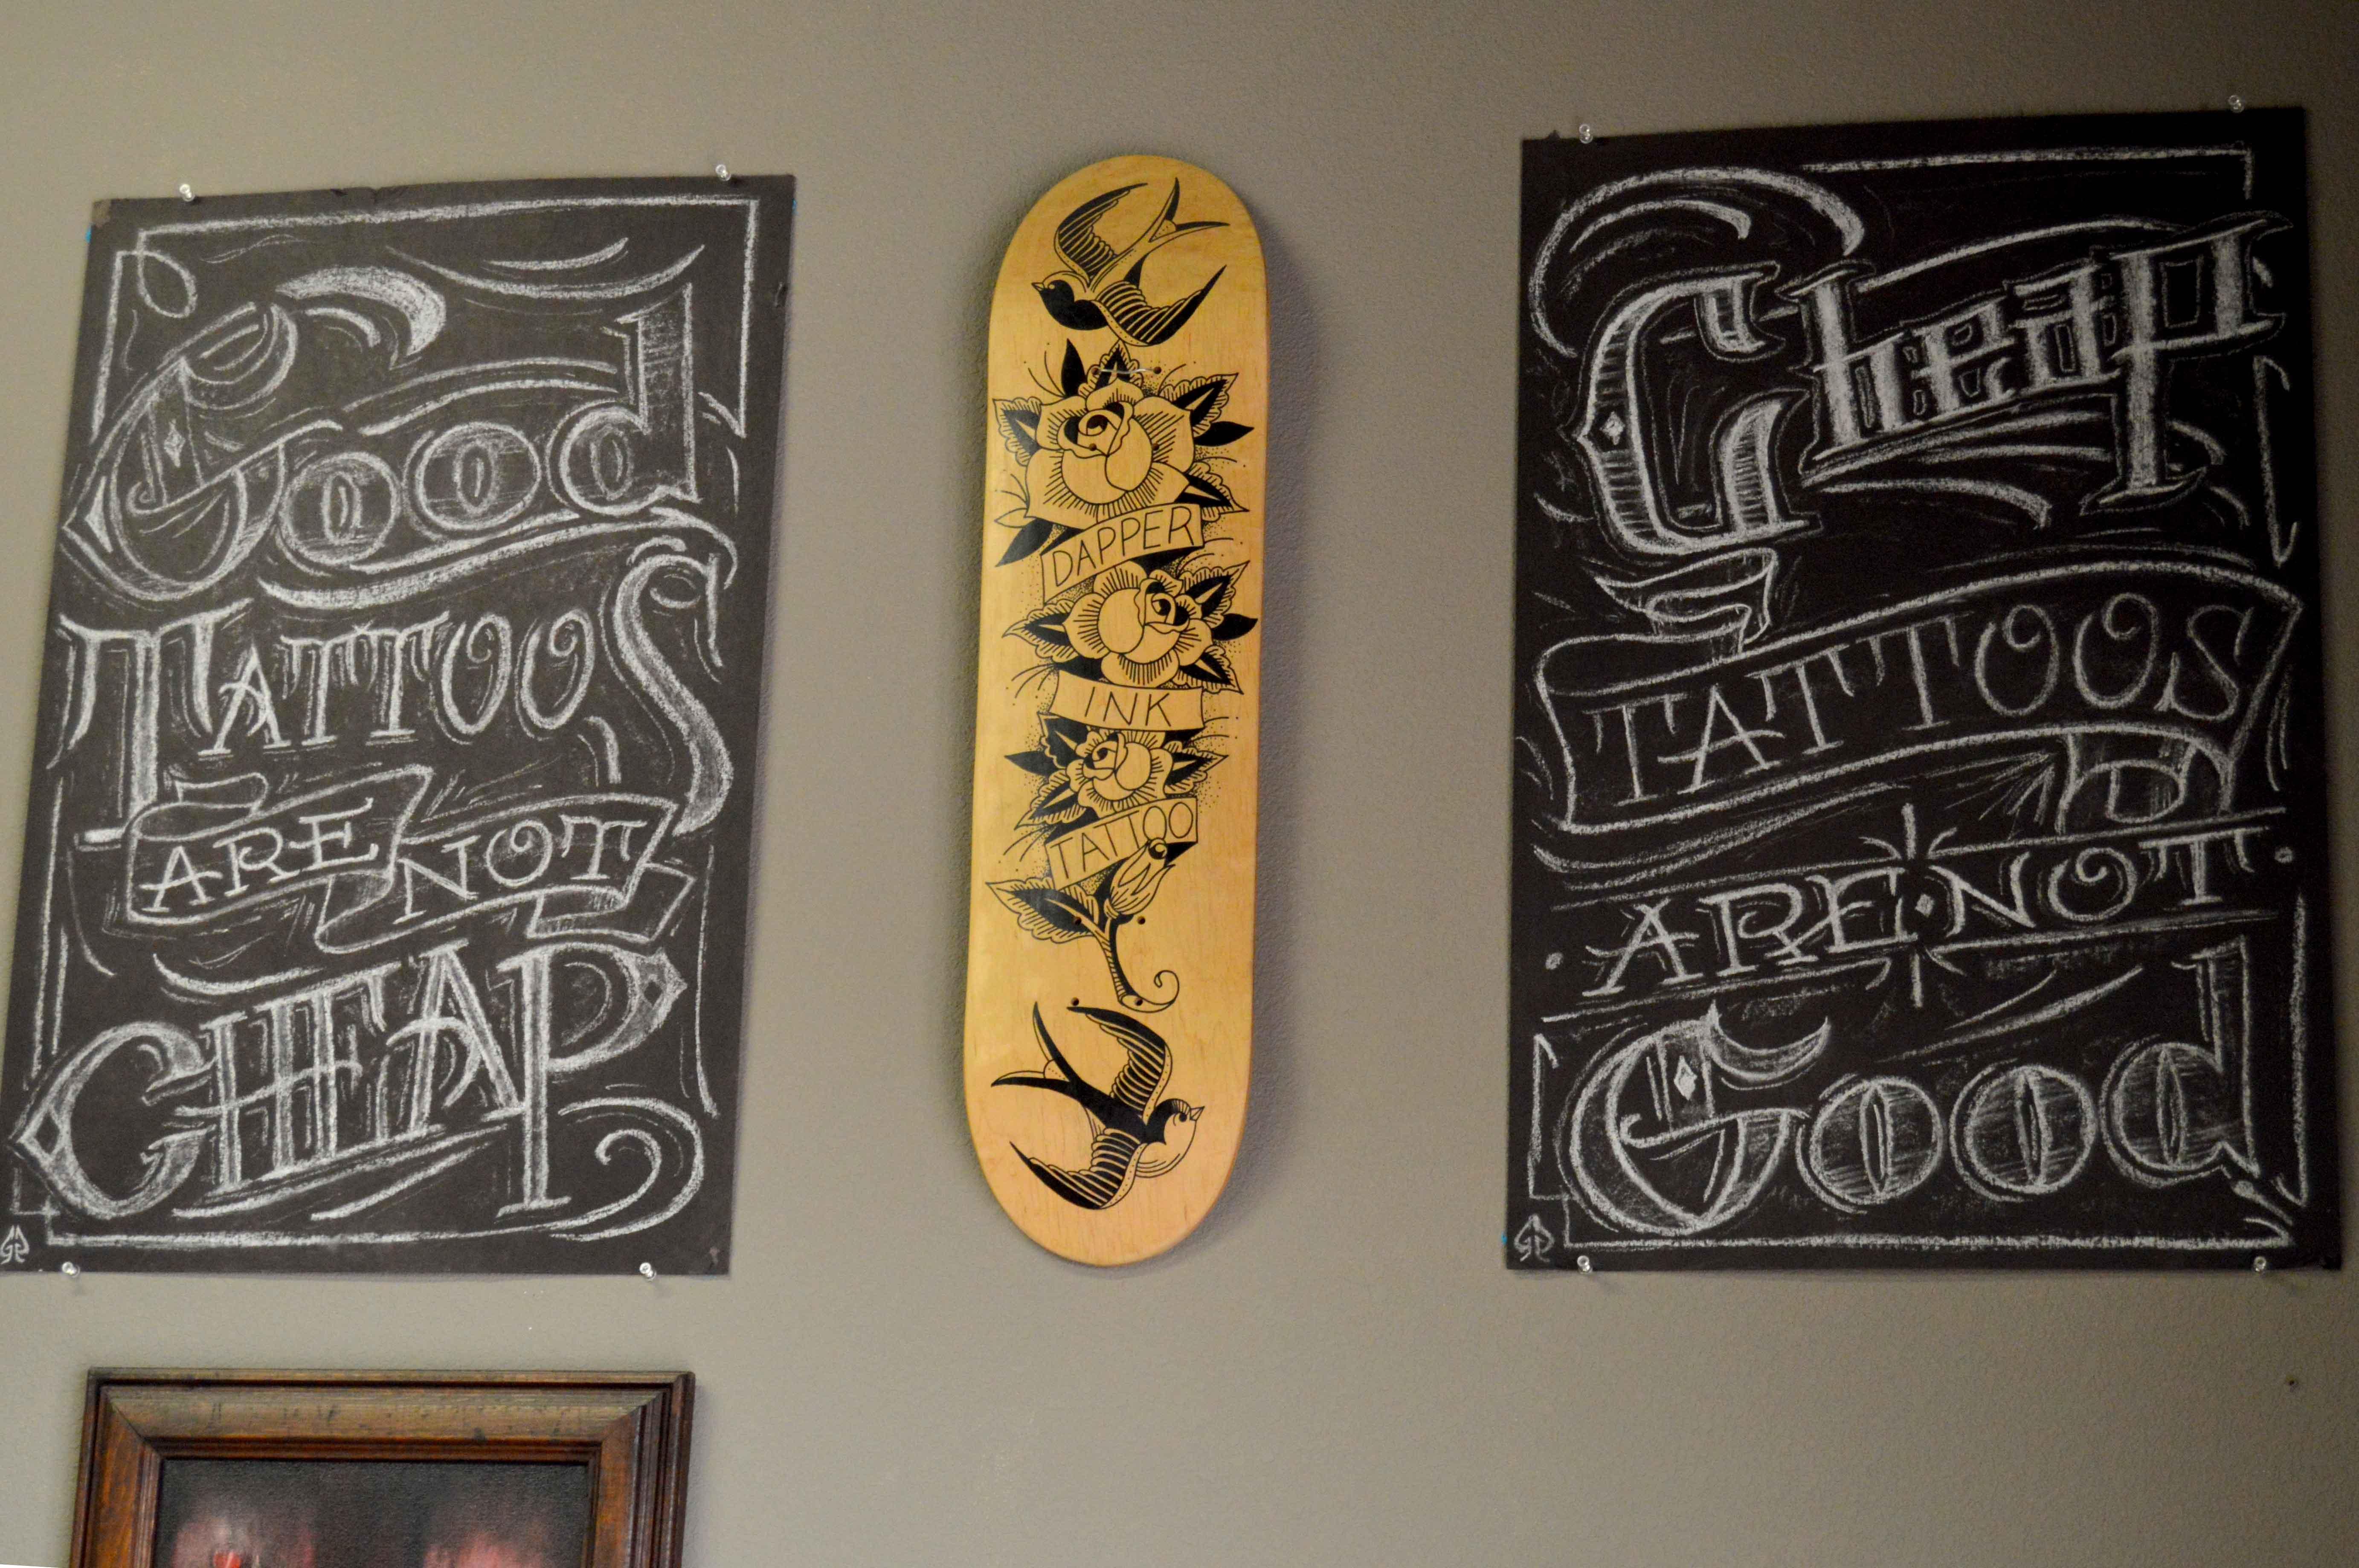 Wall+art+at+Dapper+Ink+tattoo+shop.